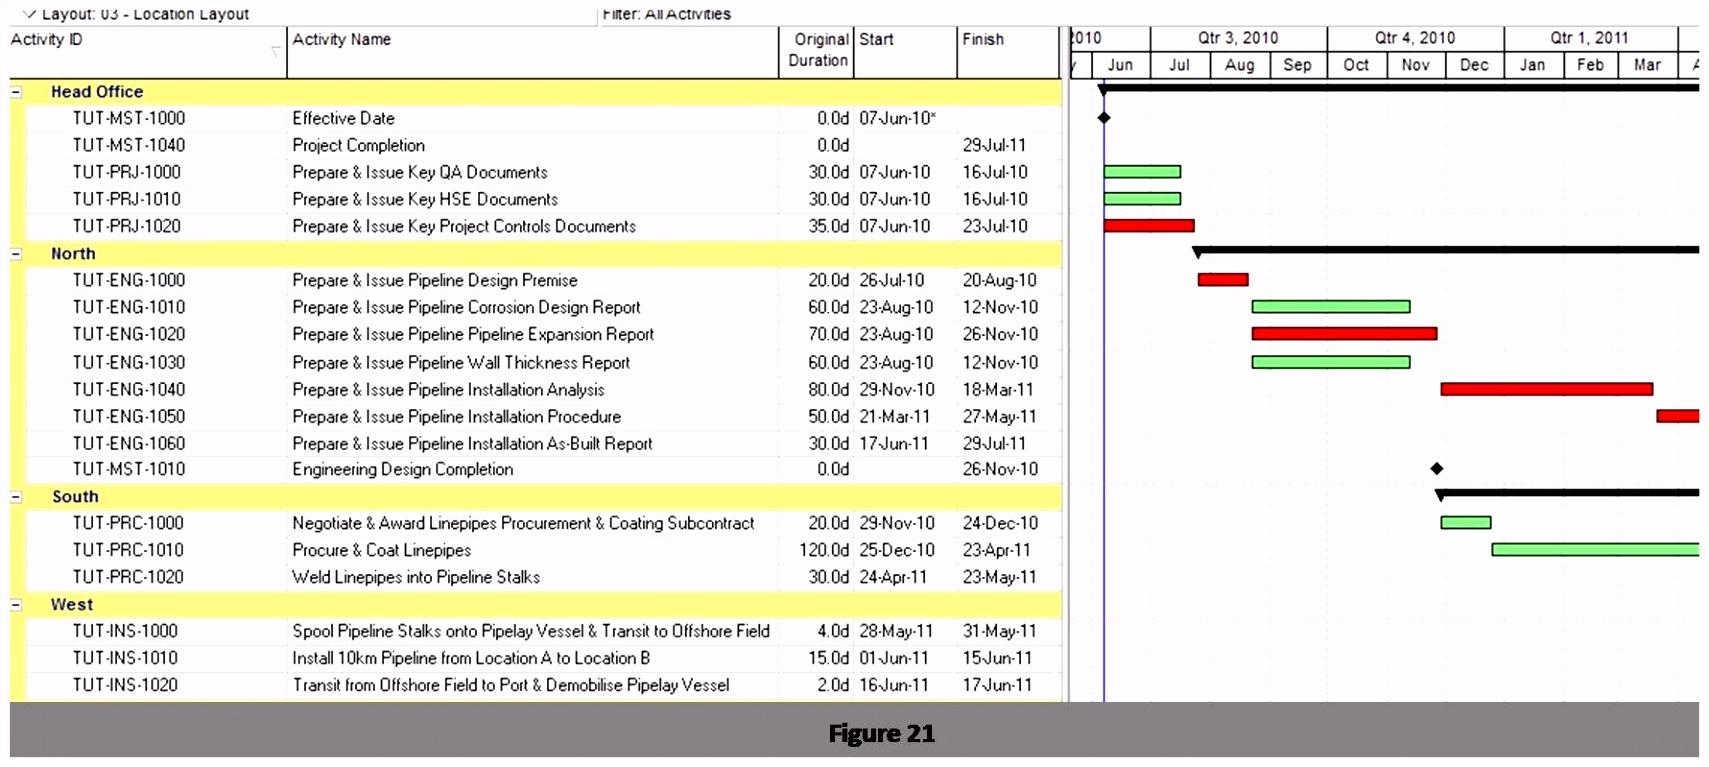 Fotokalender Vorlage Excel Kalender Vorlage Kalenderwochen J6wu83ttw9 Ihenv2nsc0